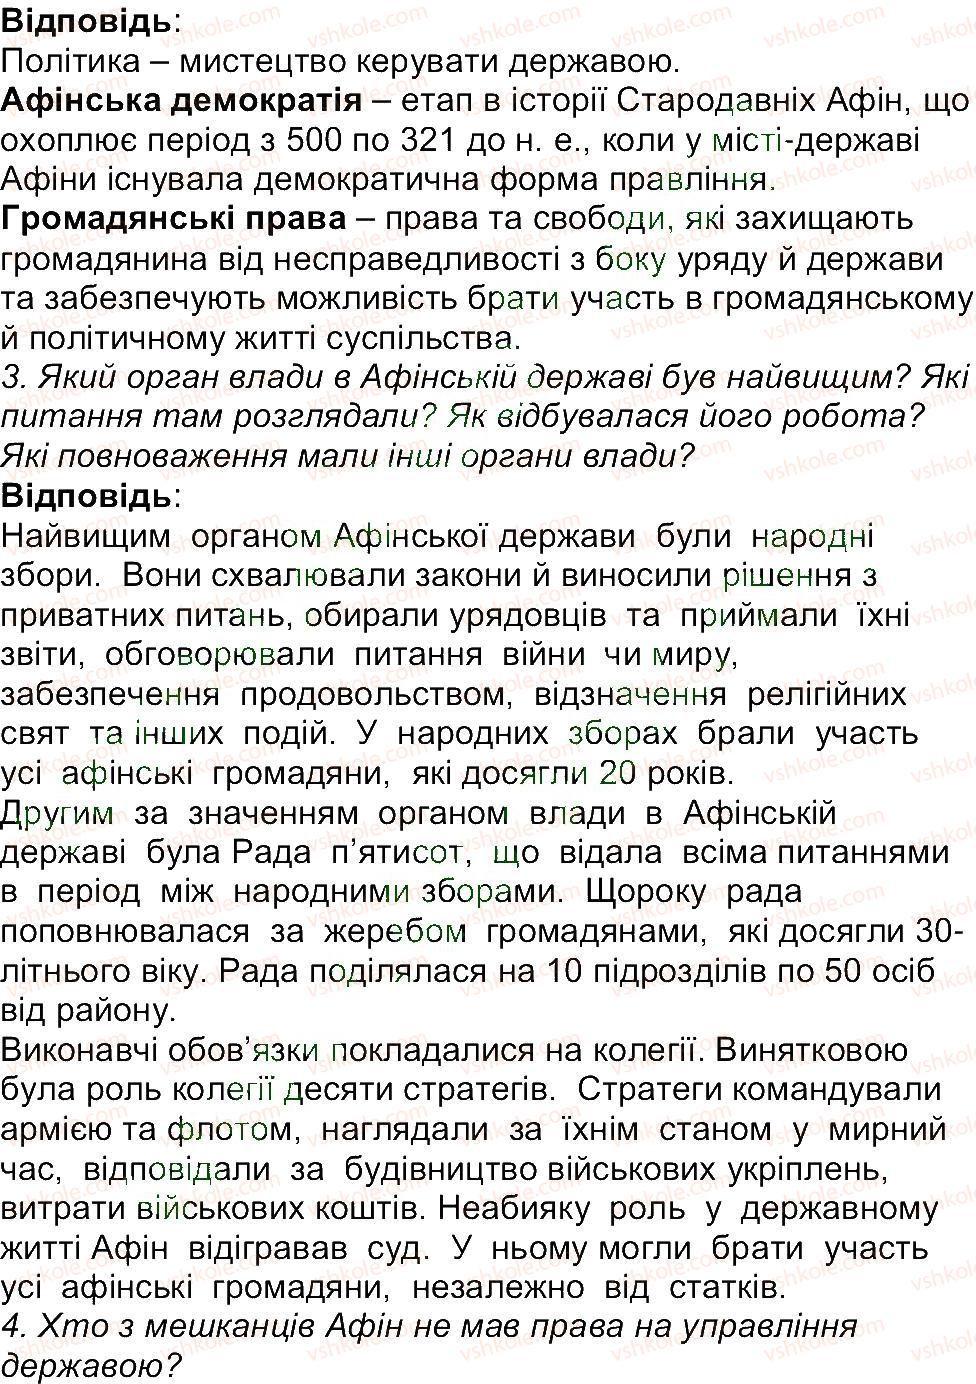 6-istoriya-og-bandrovskij-vs-vlasov-2014--storinki-143200-164.jpg